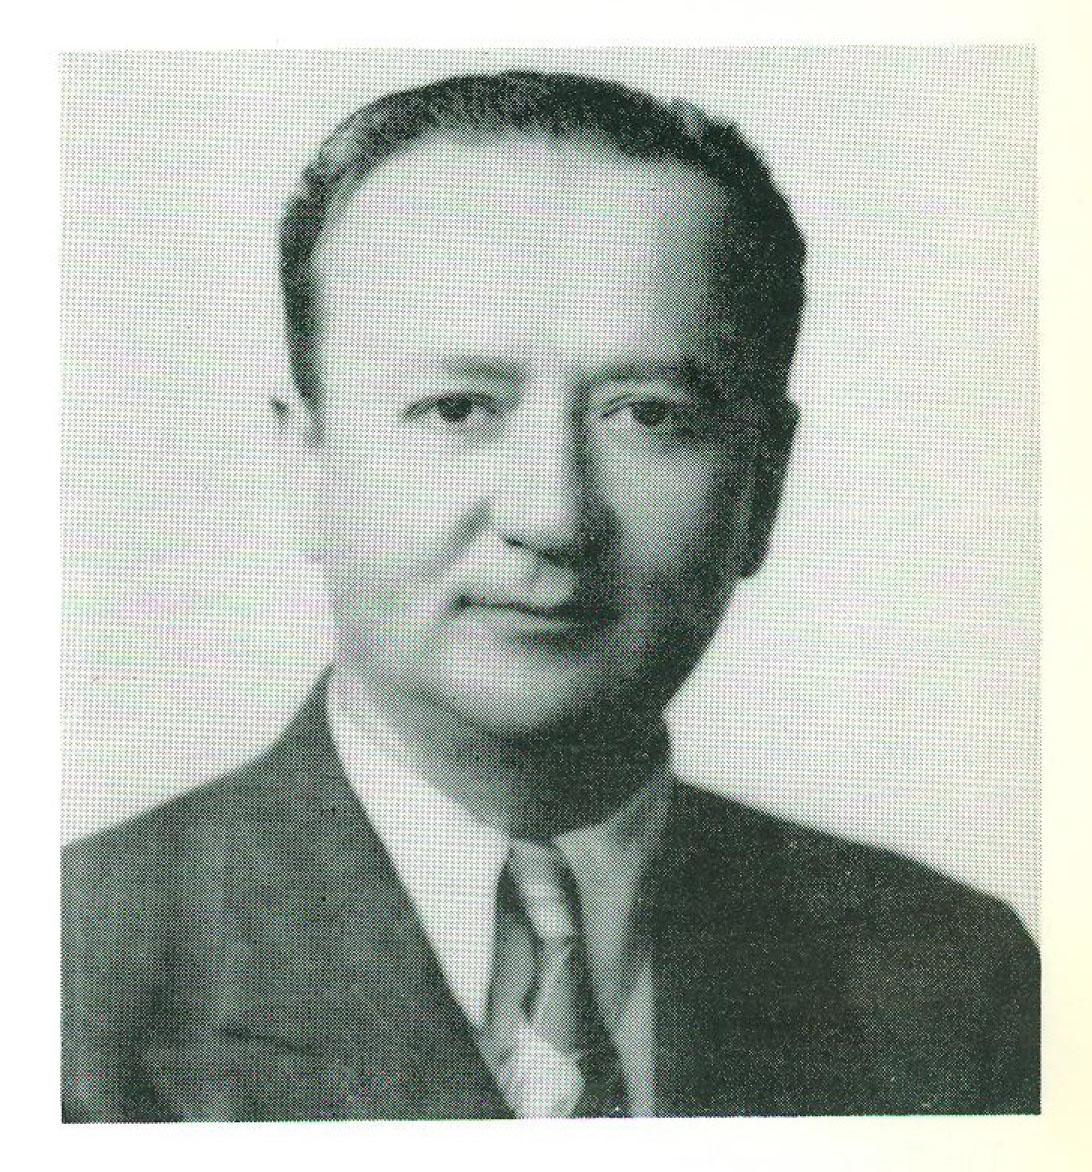 Portrait of Leo Taran, M.D.